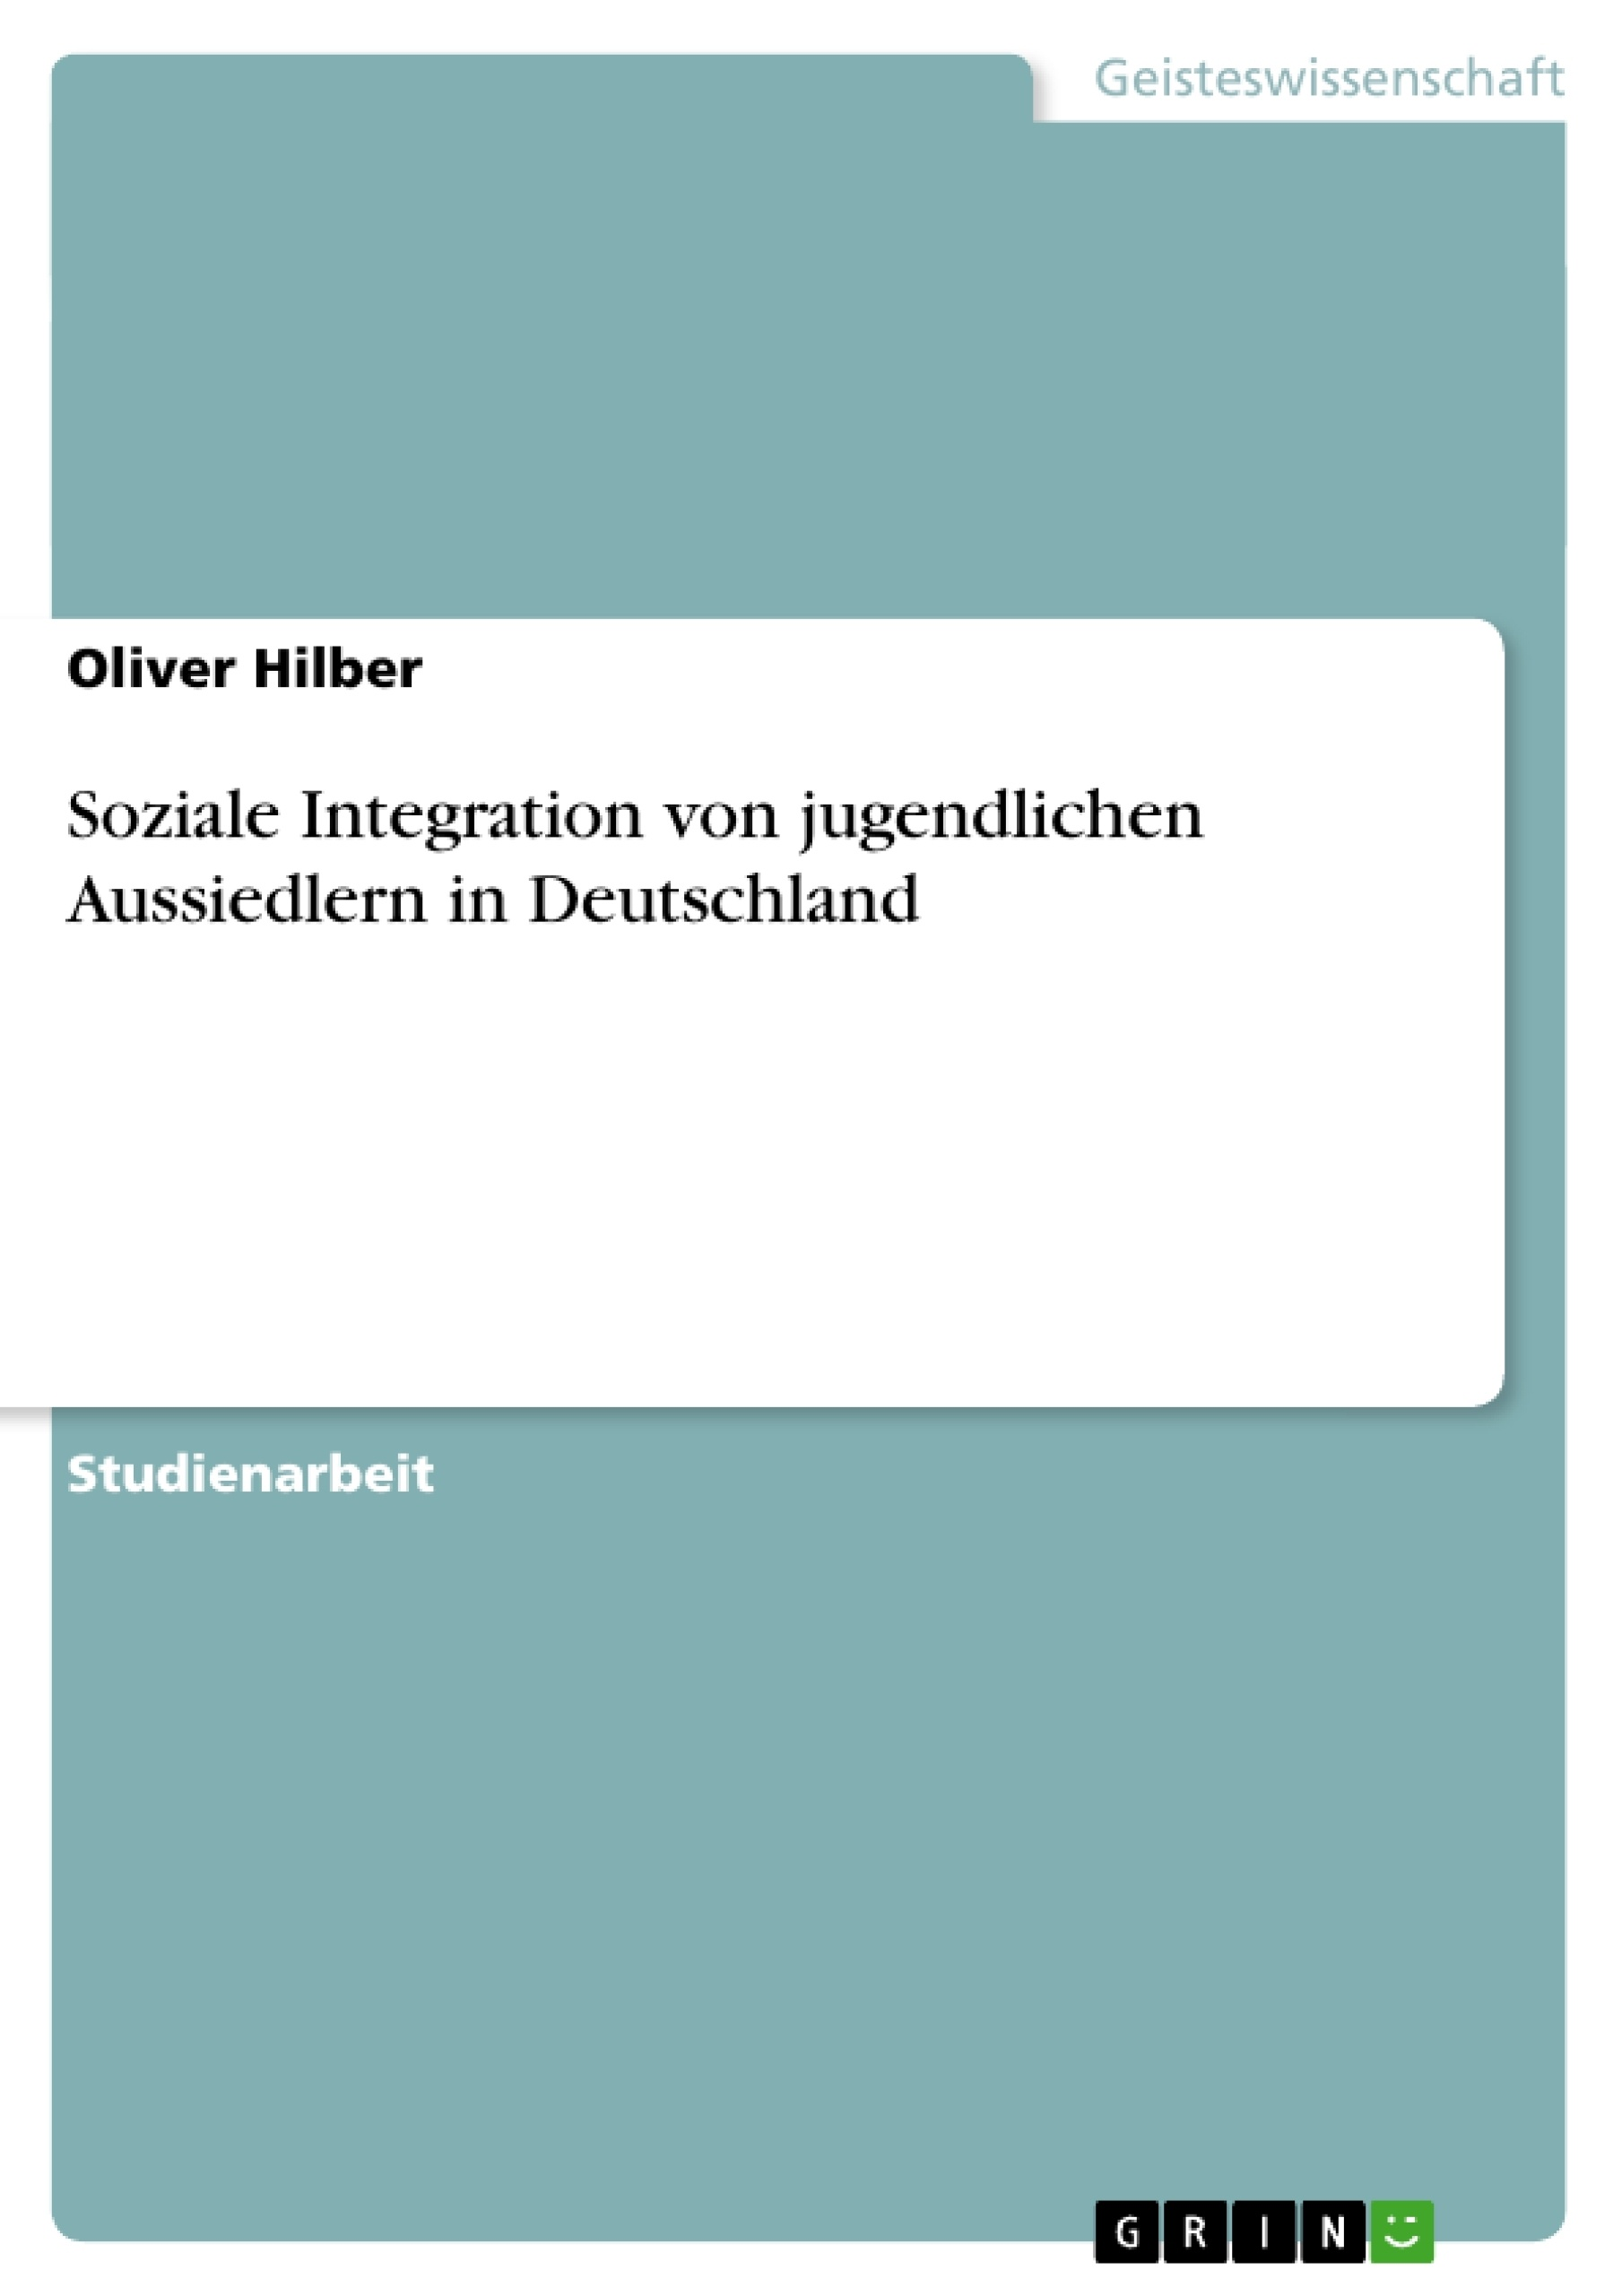 Titel: Soziale Integration von jugendlichen Aussiedlern in Deutschland